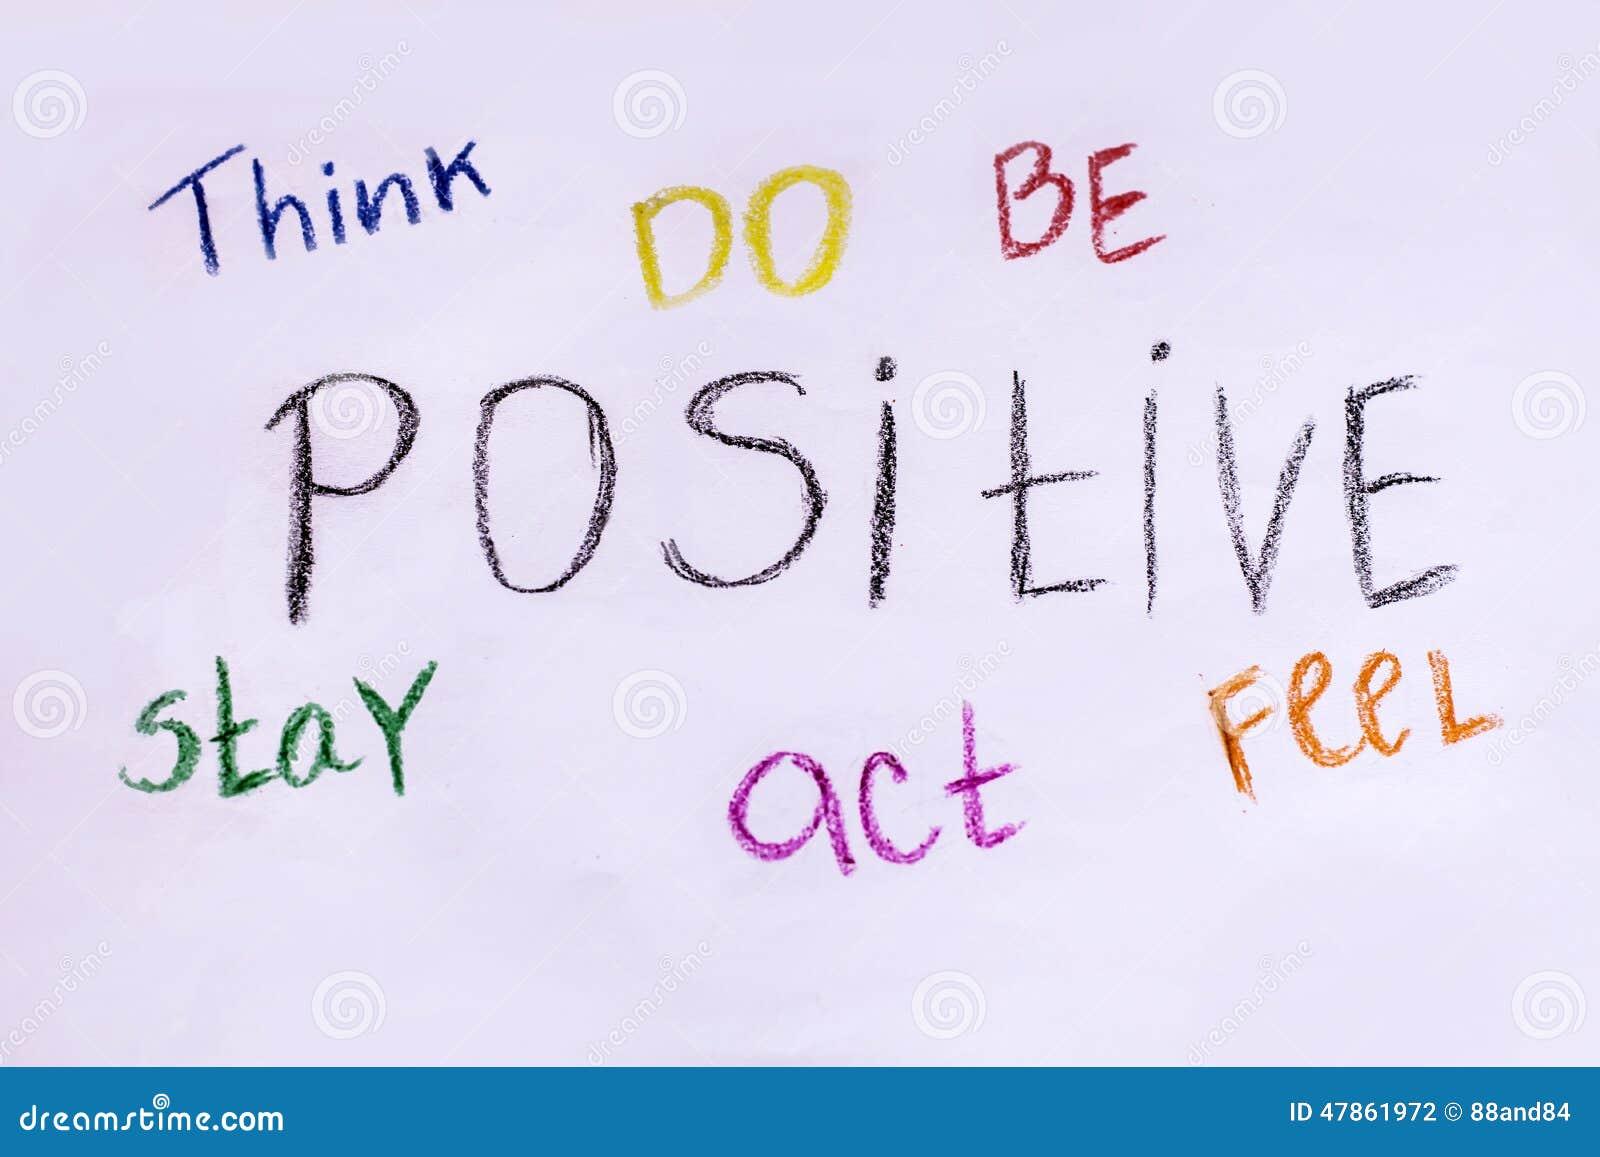 Denken Sie, tun, zu sein, zu bleiben, zu fungieren, positiv sich zu fühlen Motivslogan